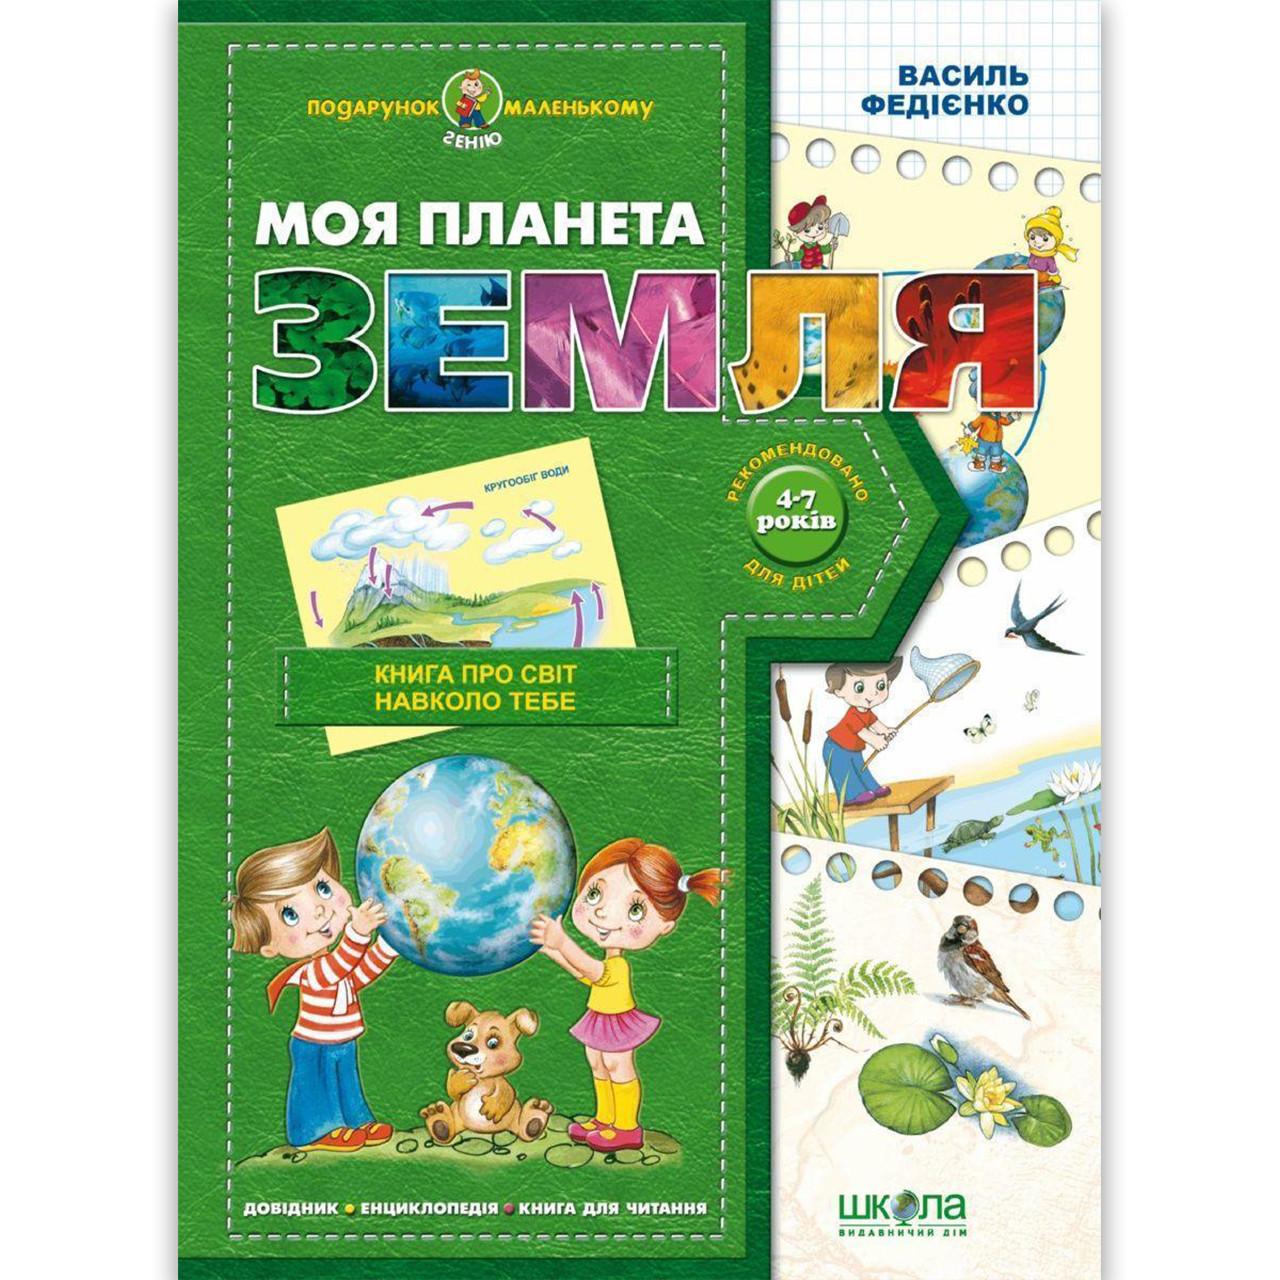 Подарунок маленькому генію Моя планета Земля Авт: Федієнко В. Вид: Школа